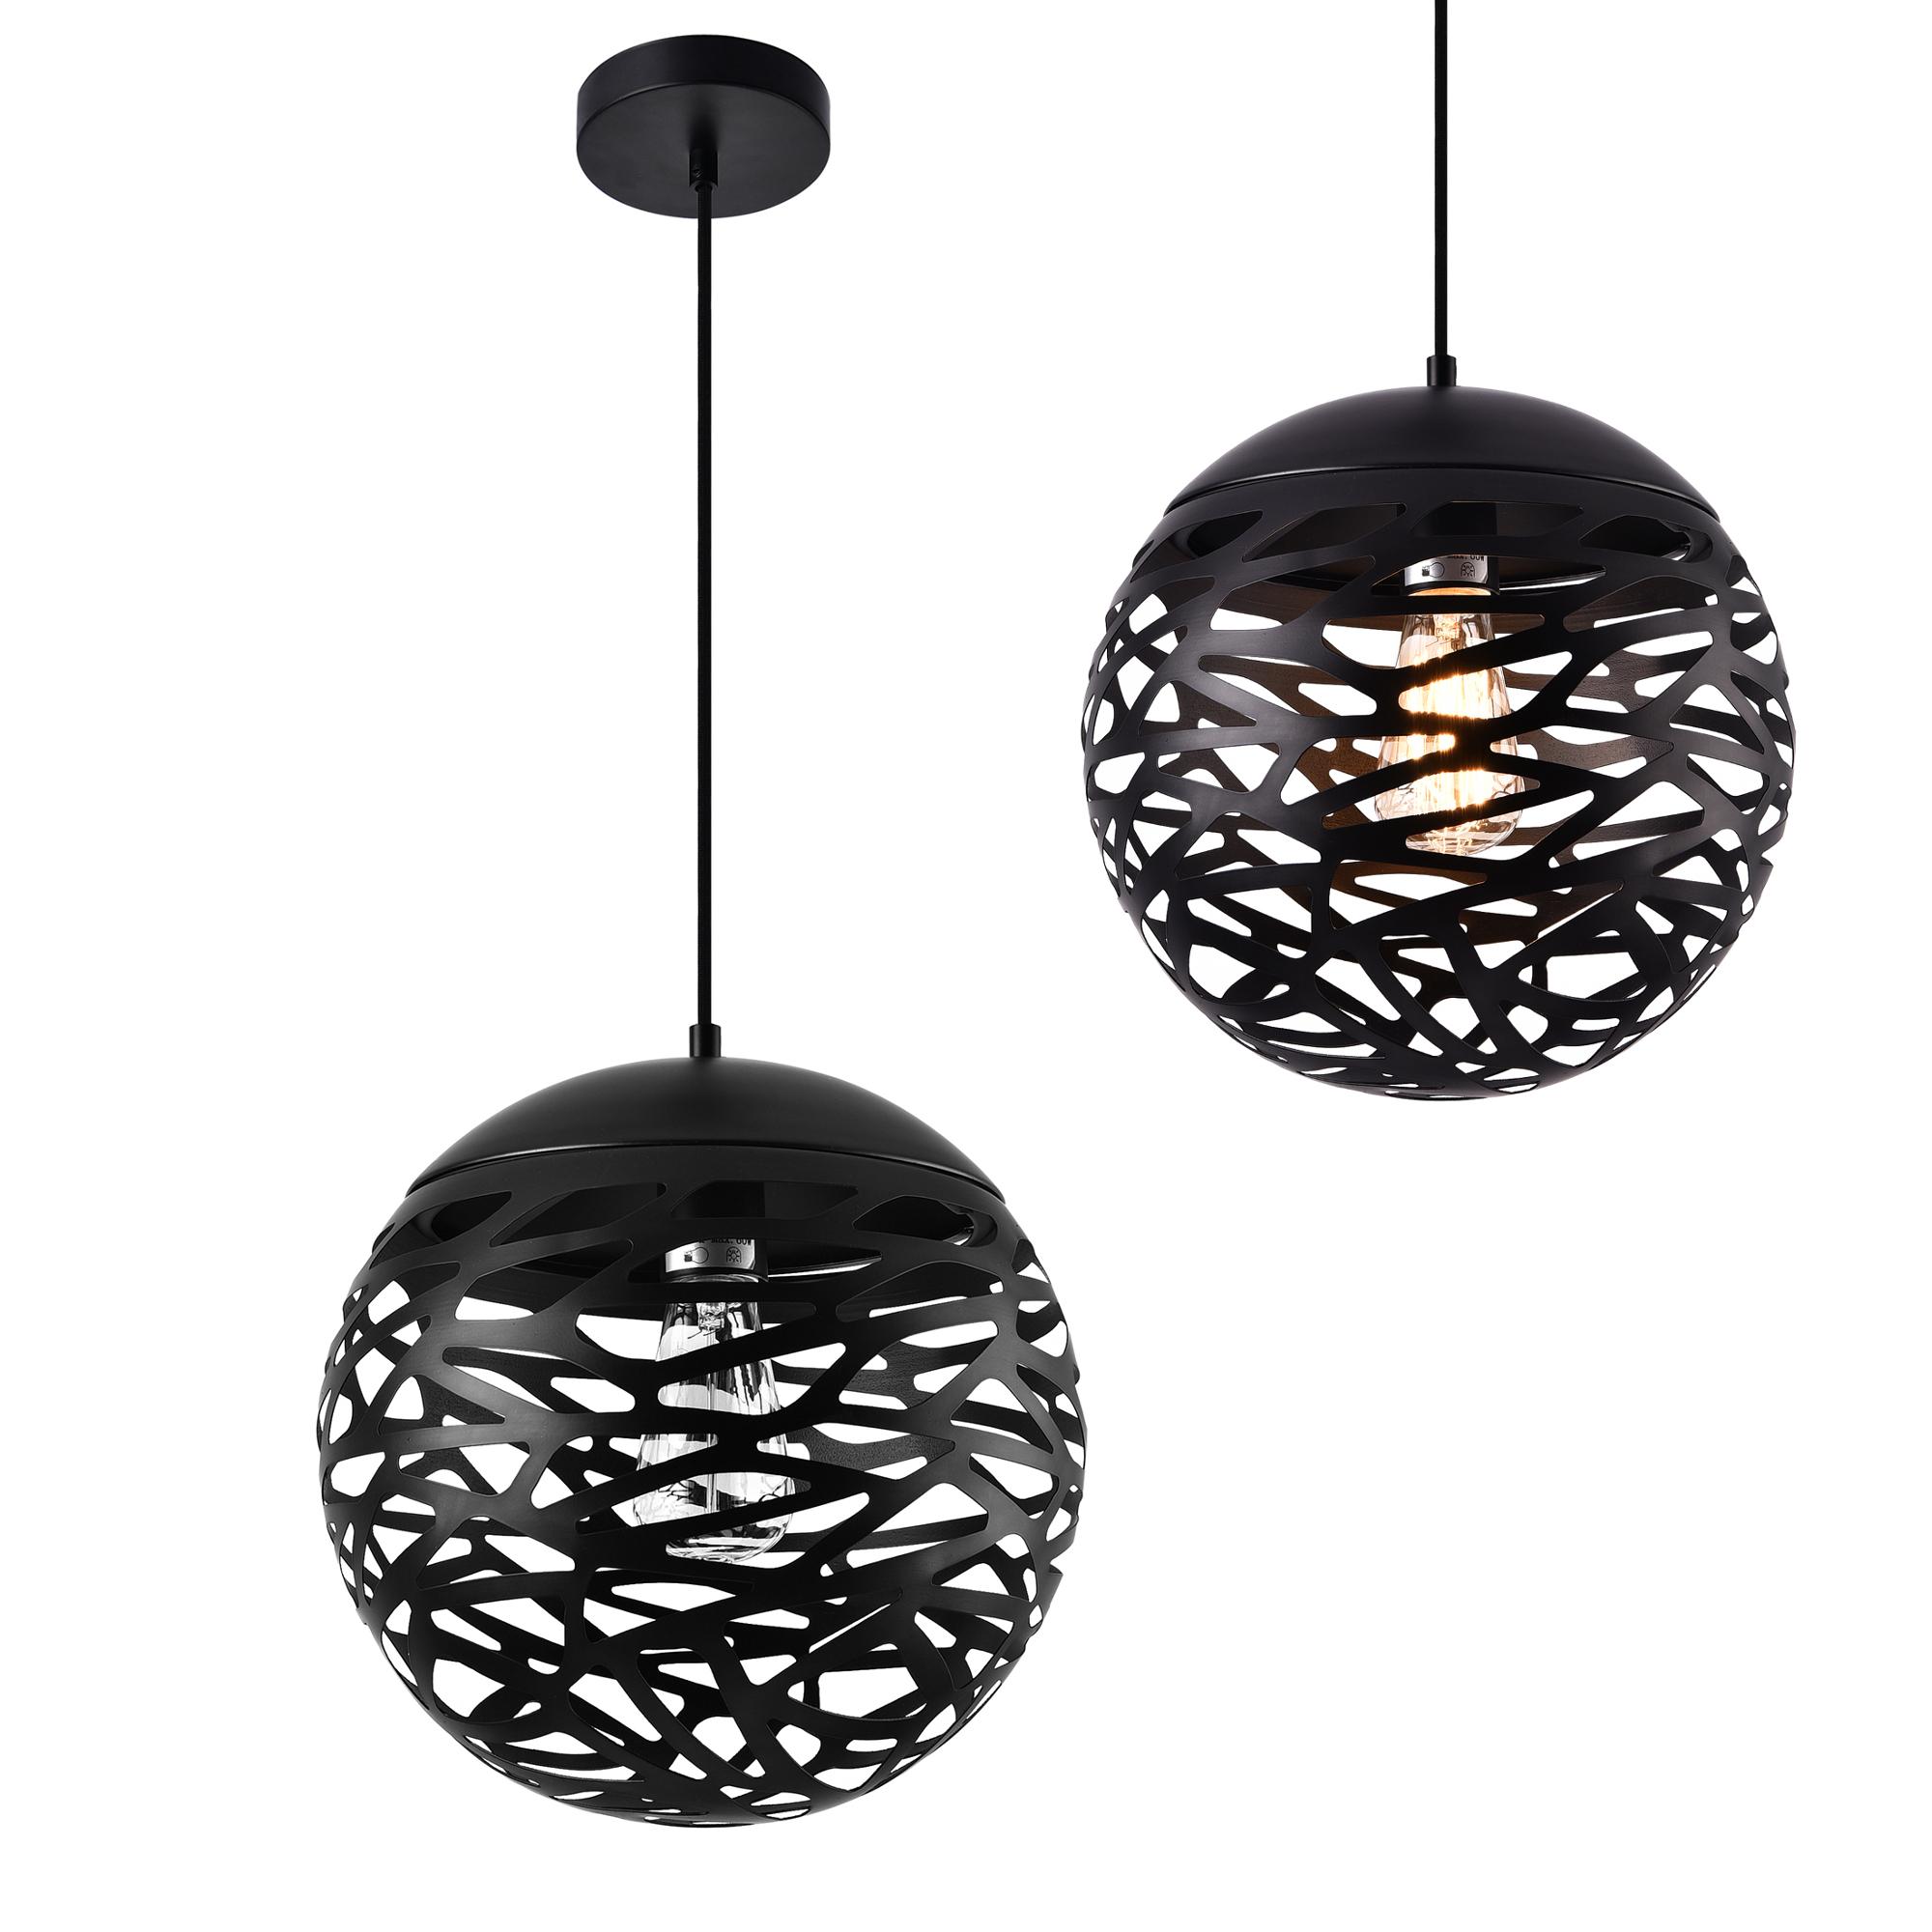 h ngeleuchte metall industrie deckenleuchte leuchte pendelleuchte ebay. Black Bedroom Furniture Sets. Home Design Ideas